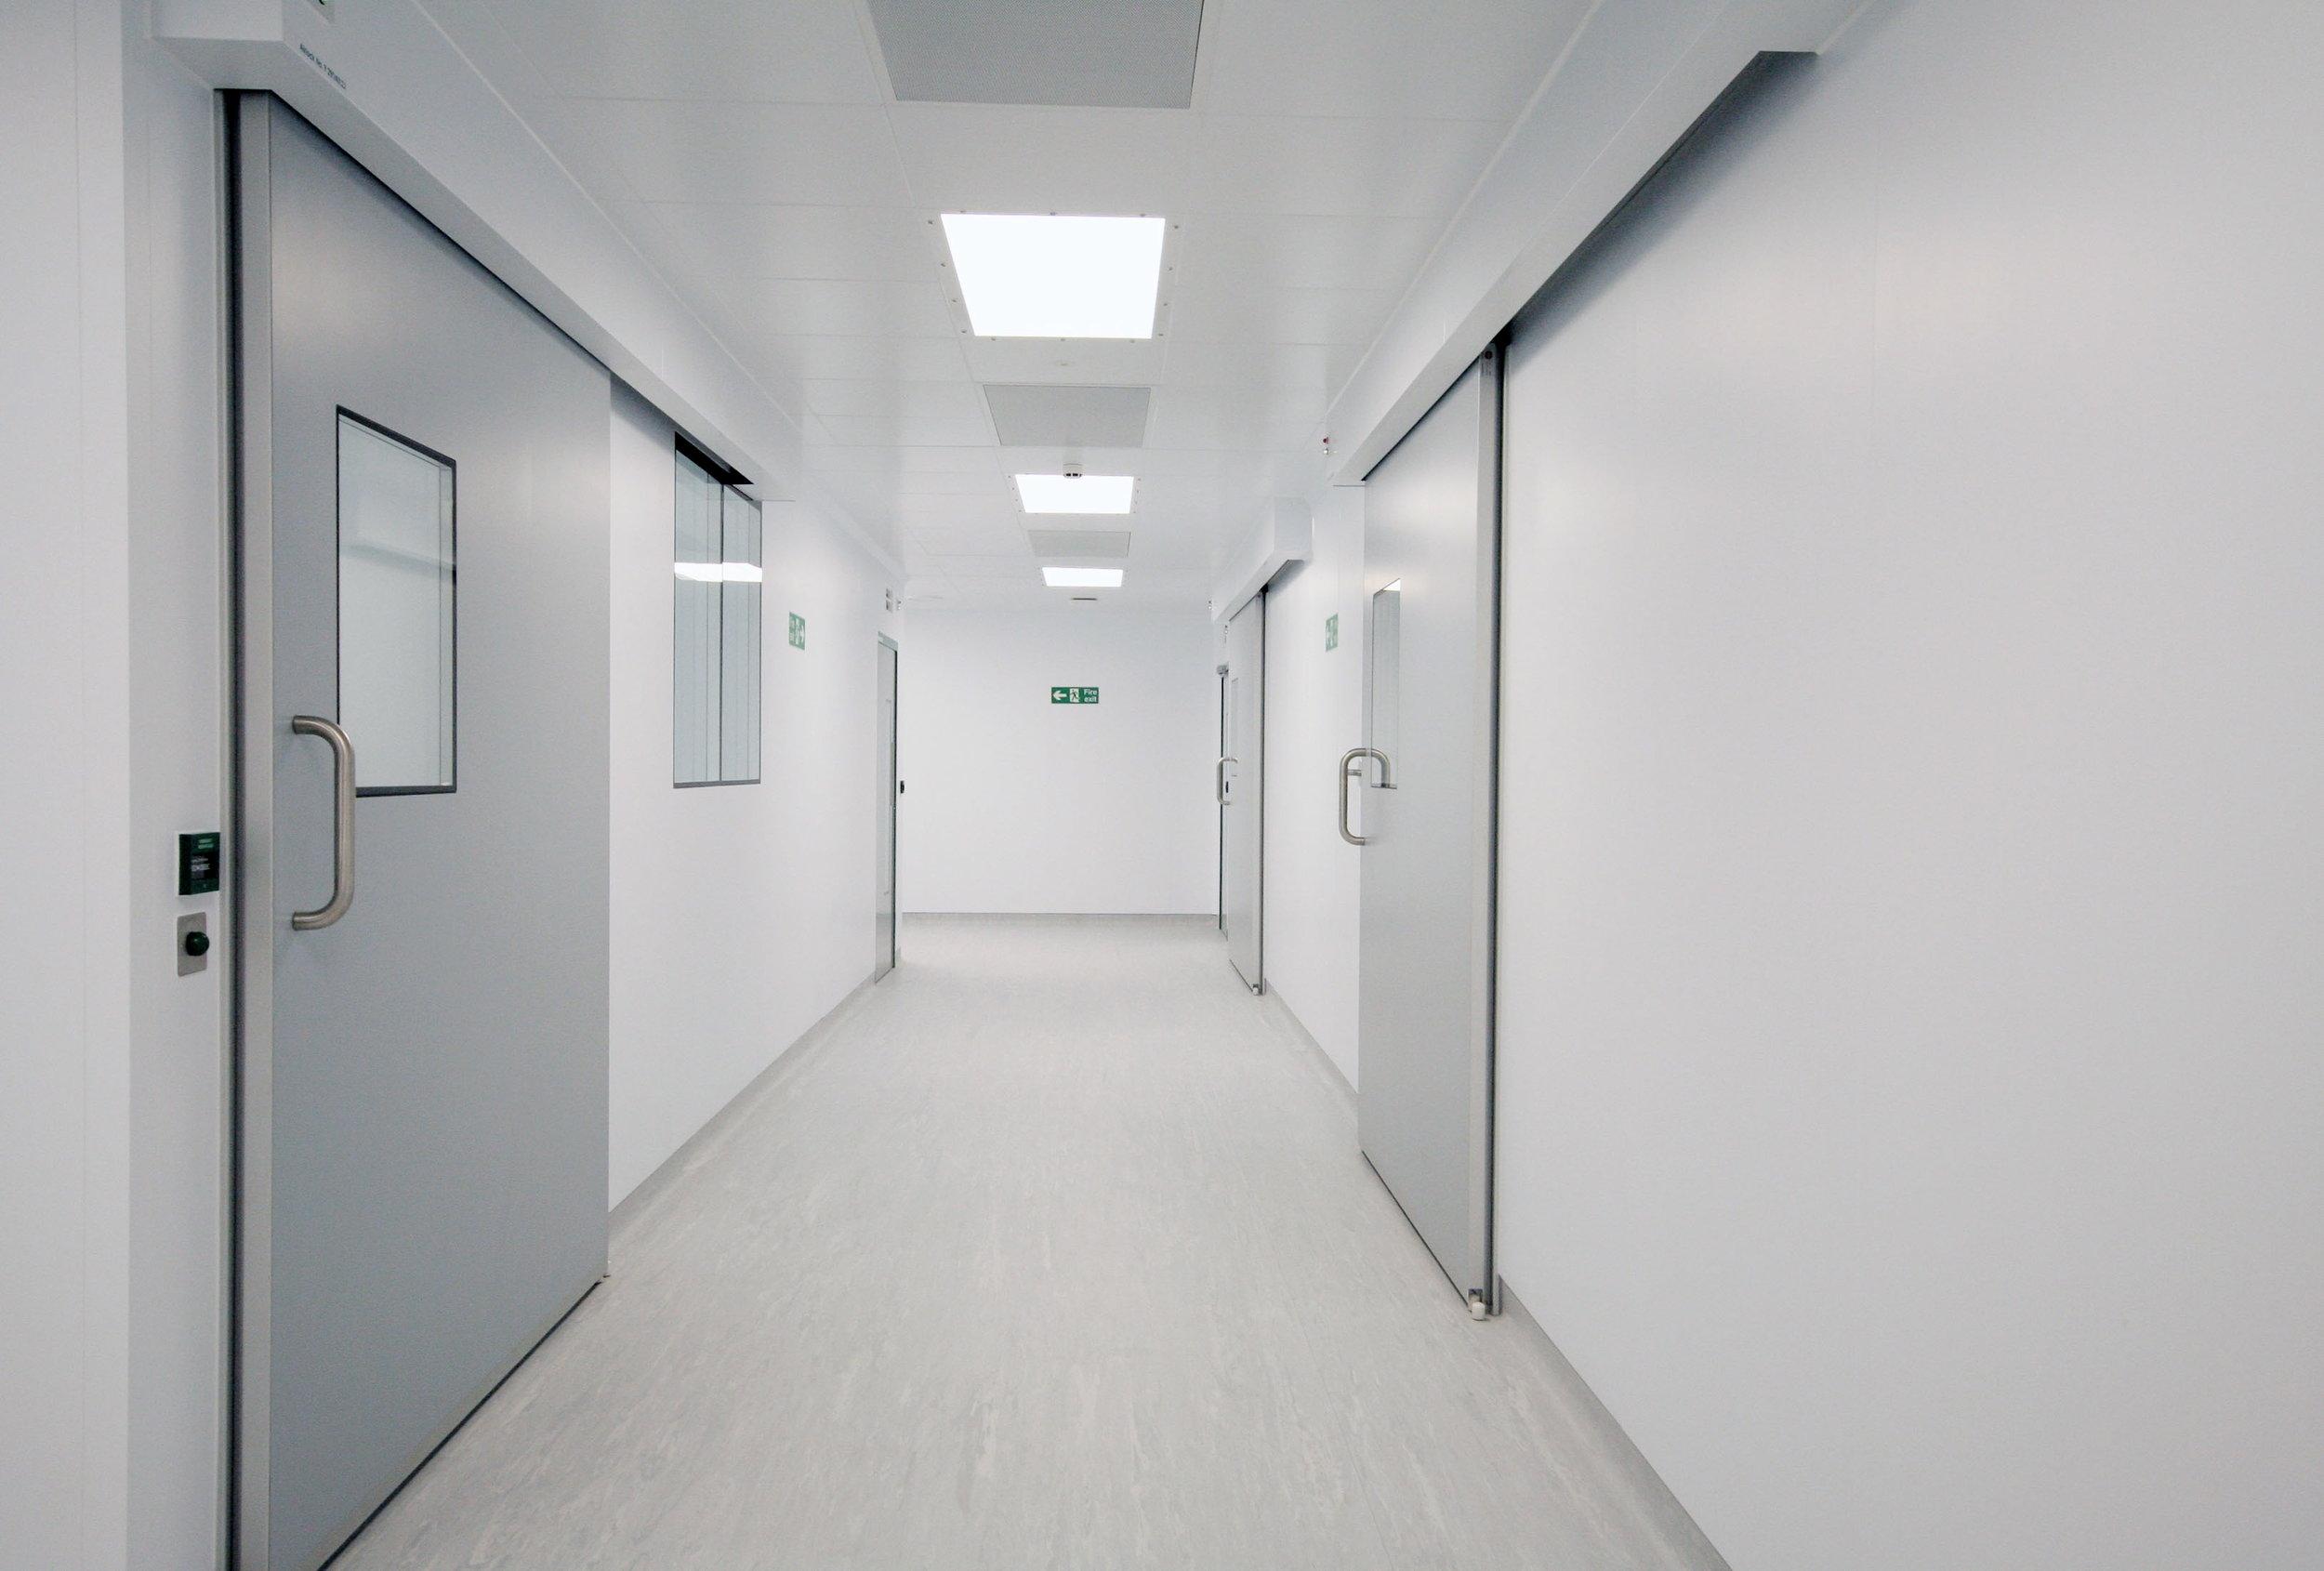 AstraZeneca - Cleanroom and Sliding Doors